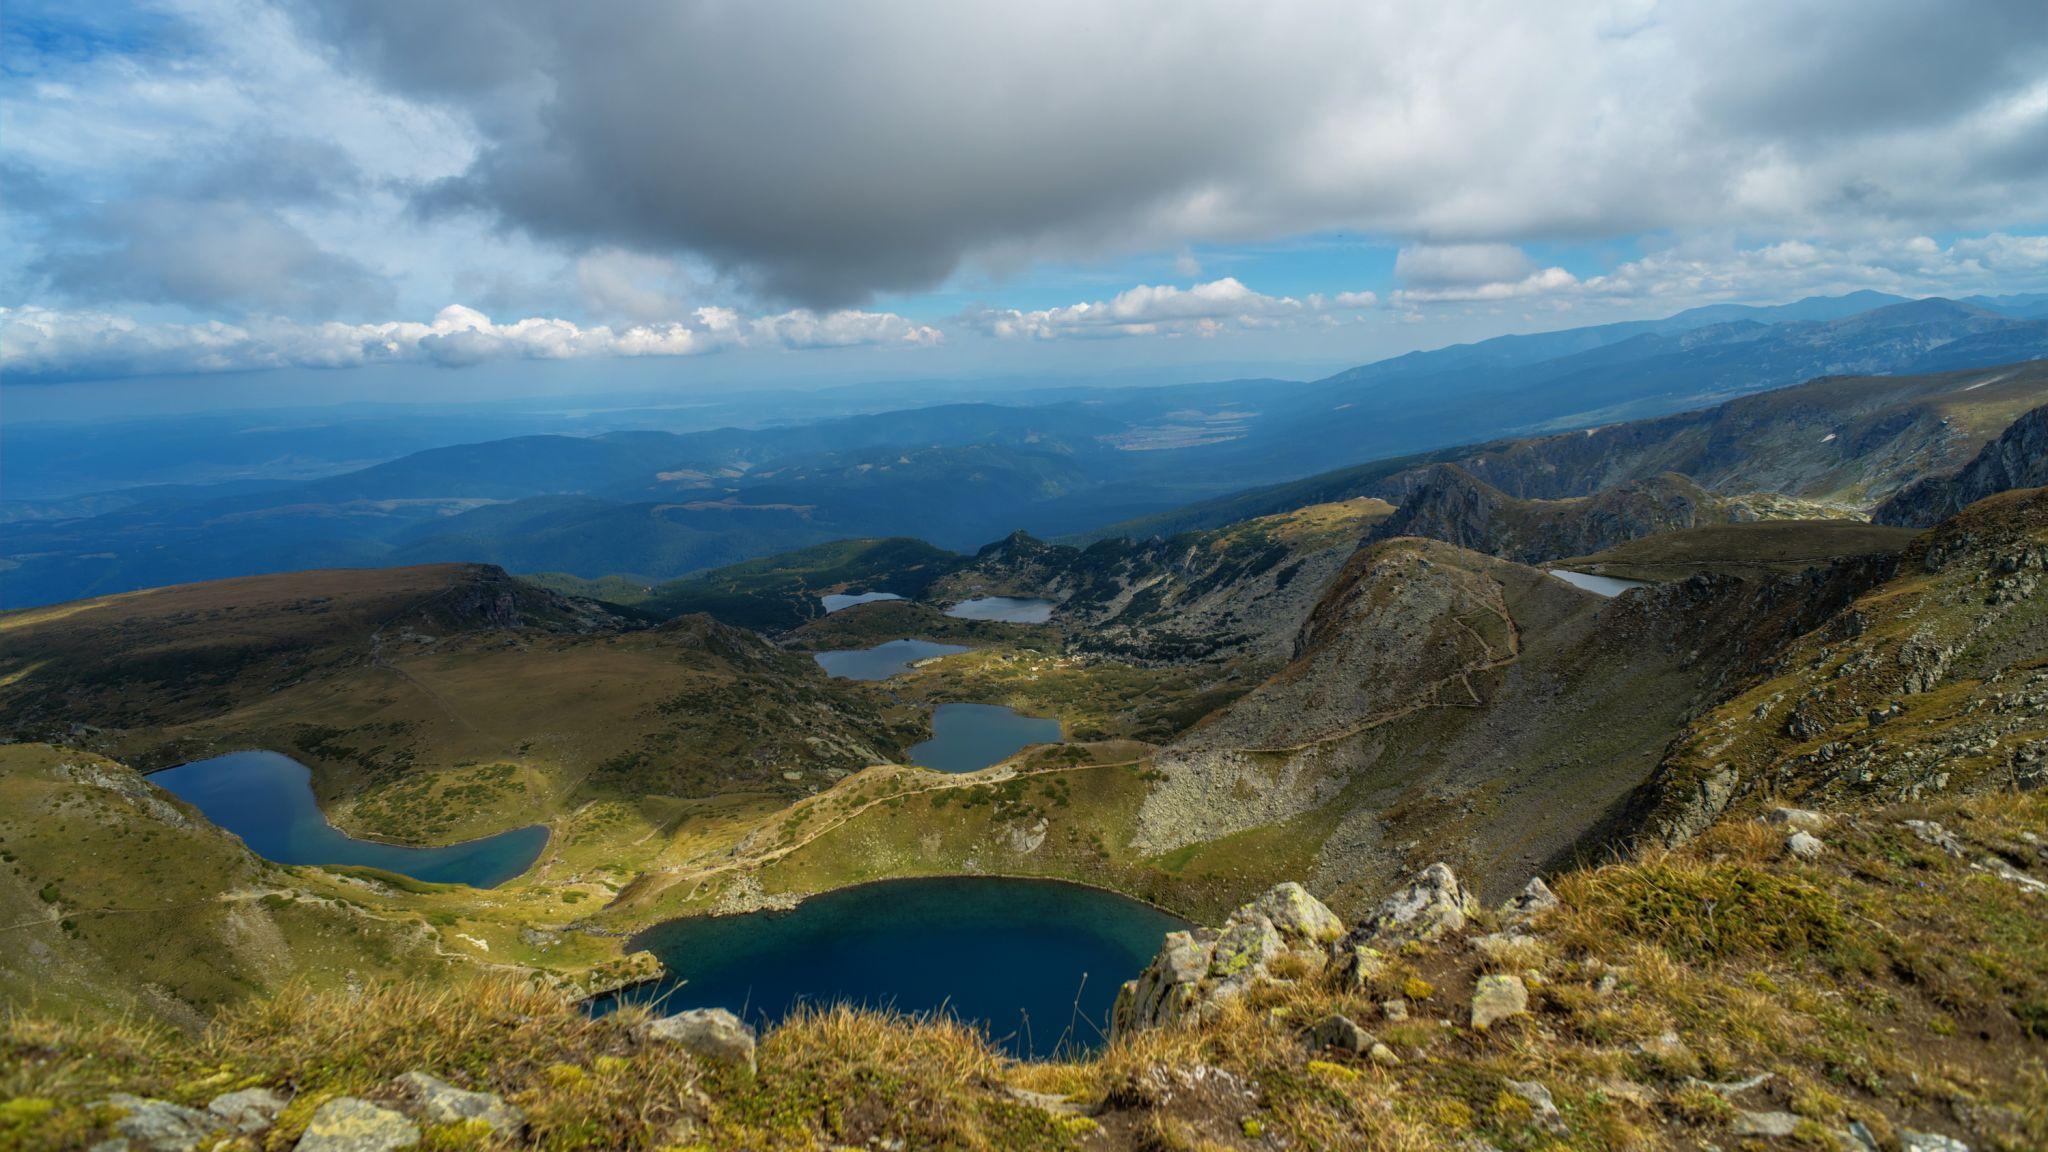 The 7 Rila Lakes, Bulgaria